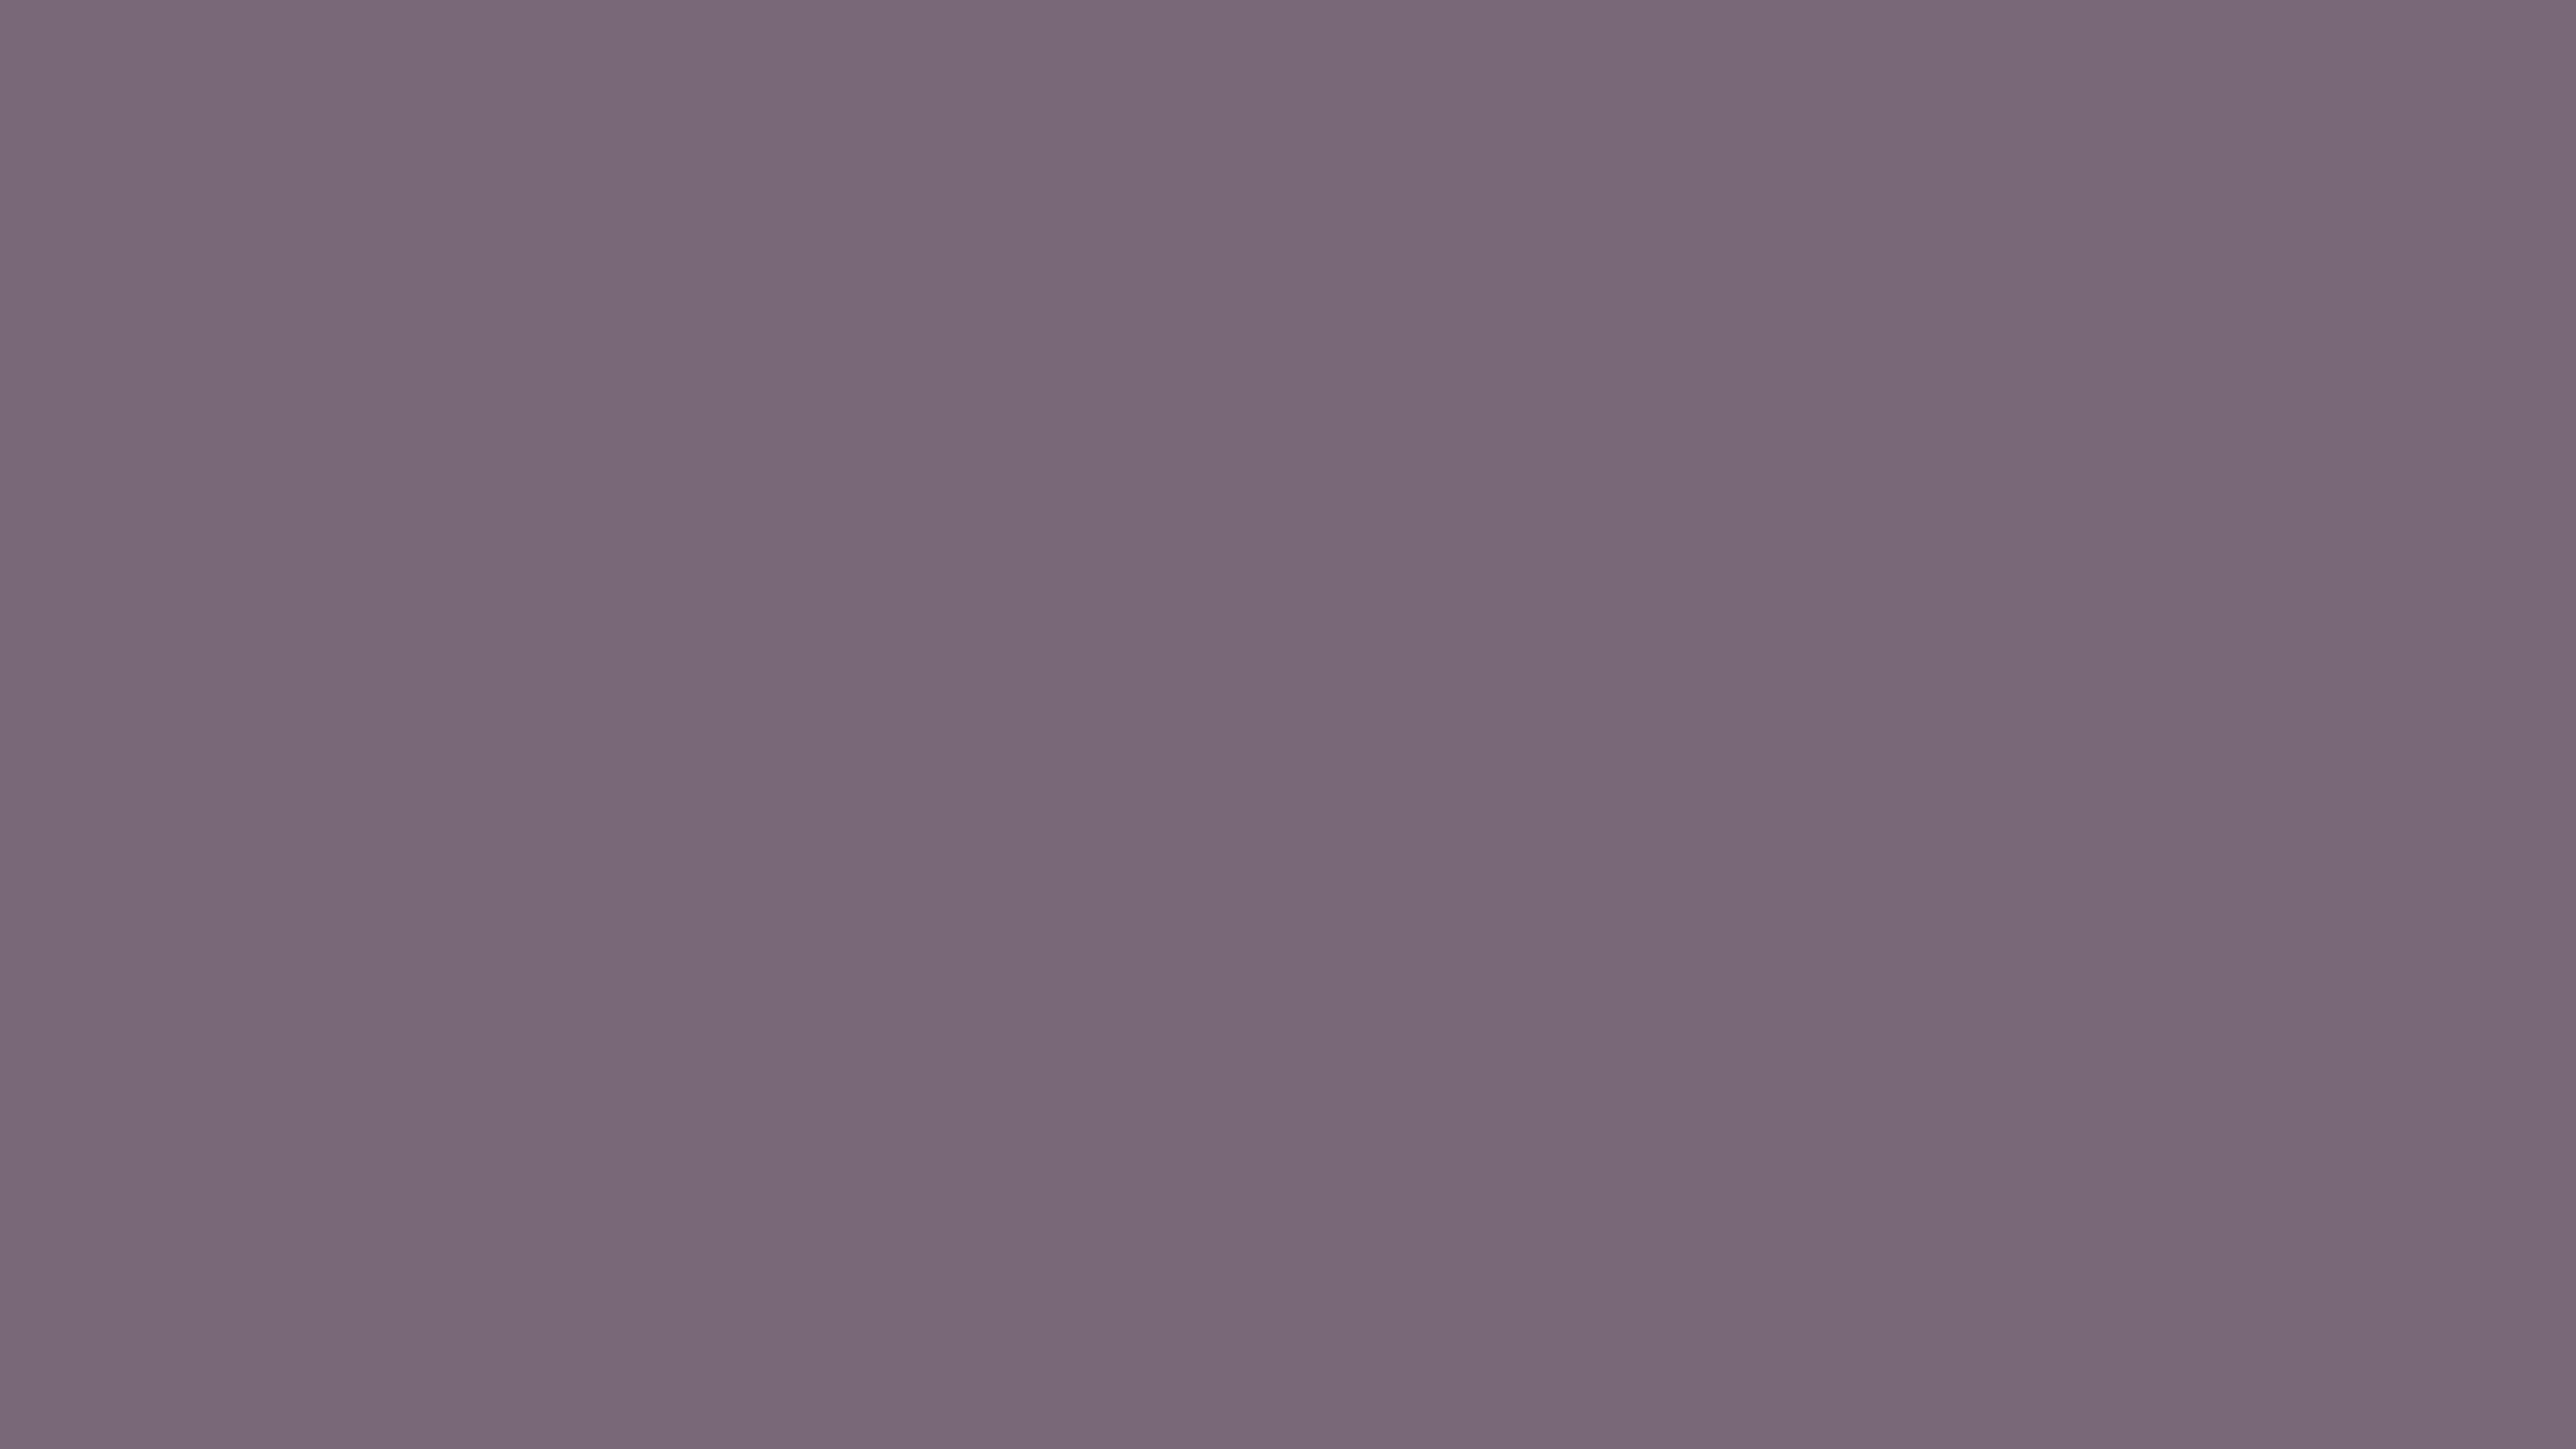 7680x4320 Old Lavender Solid Color Background